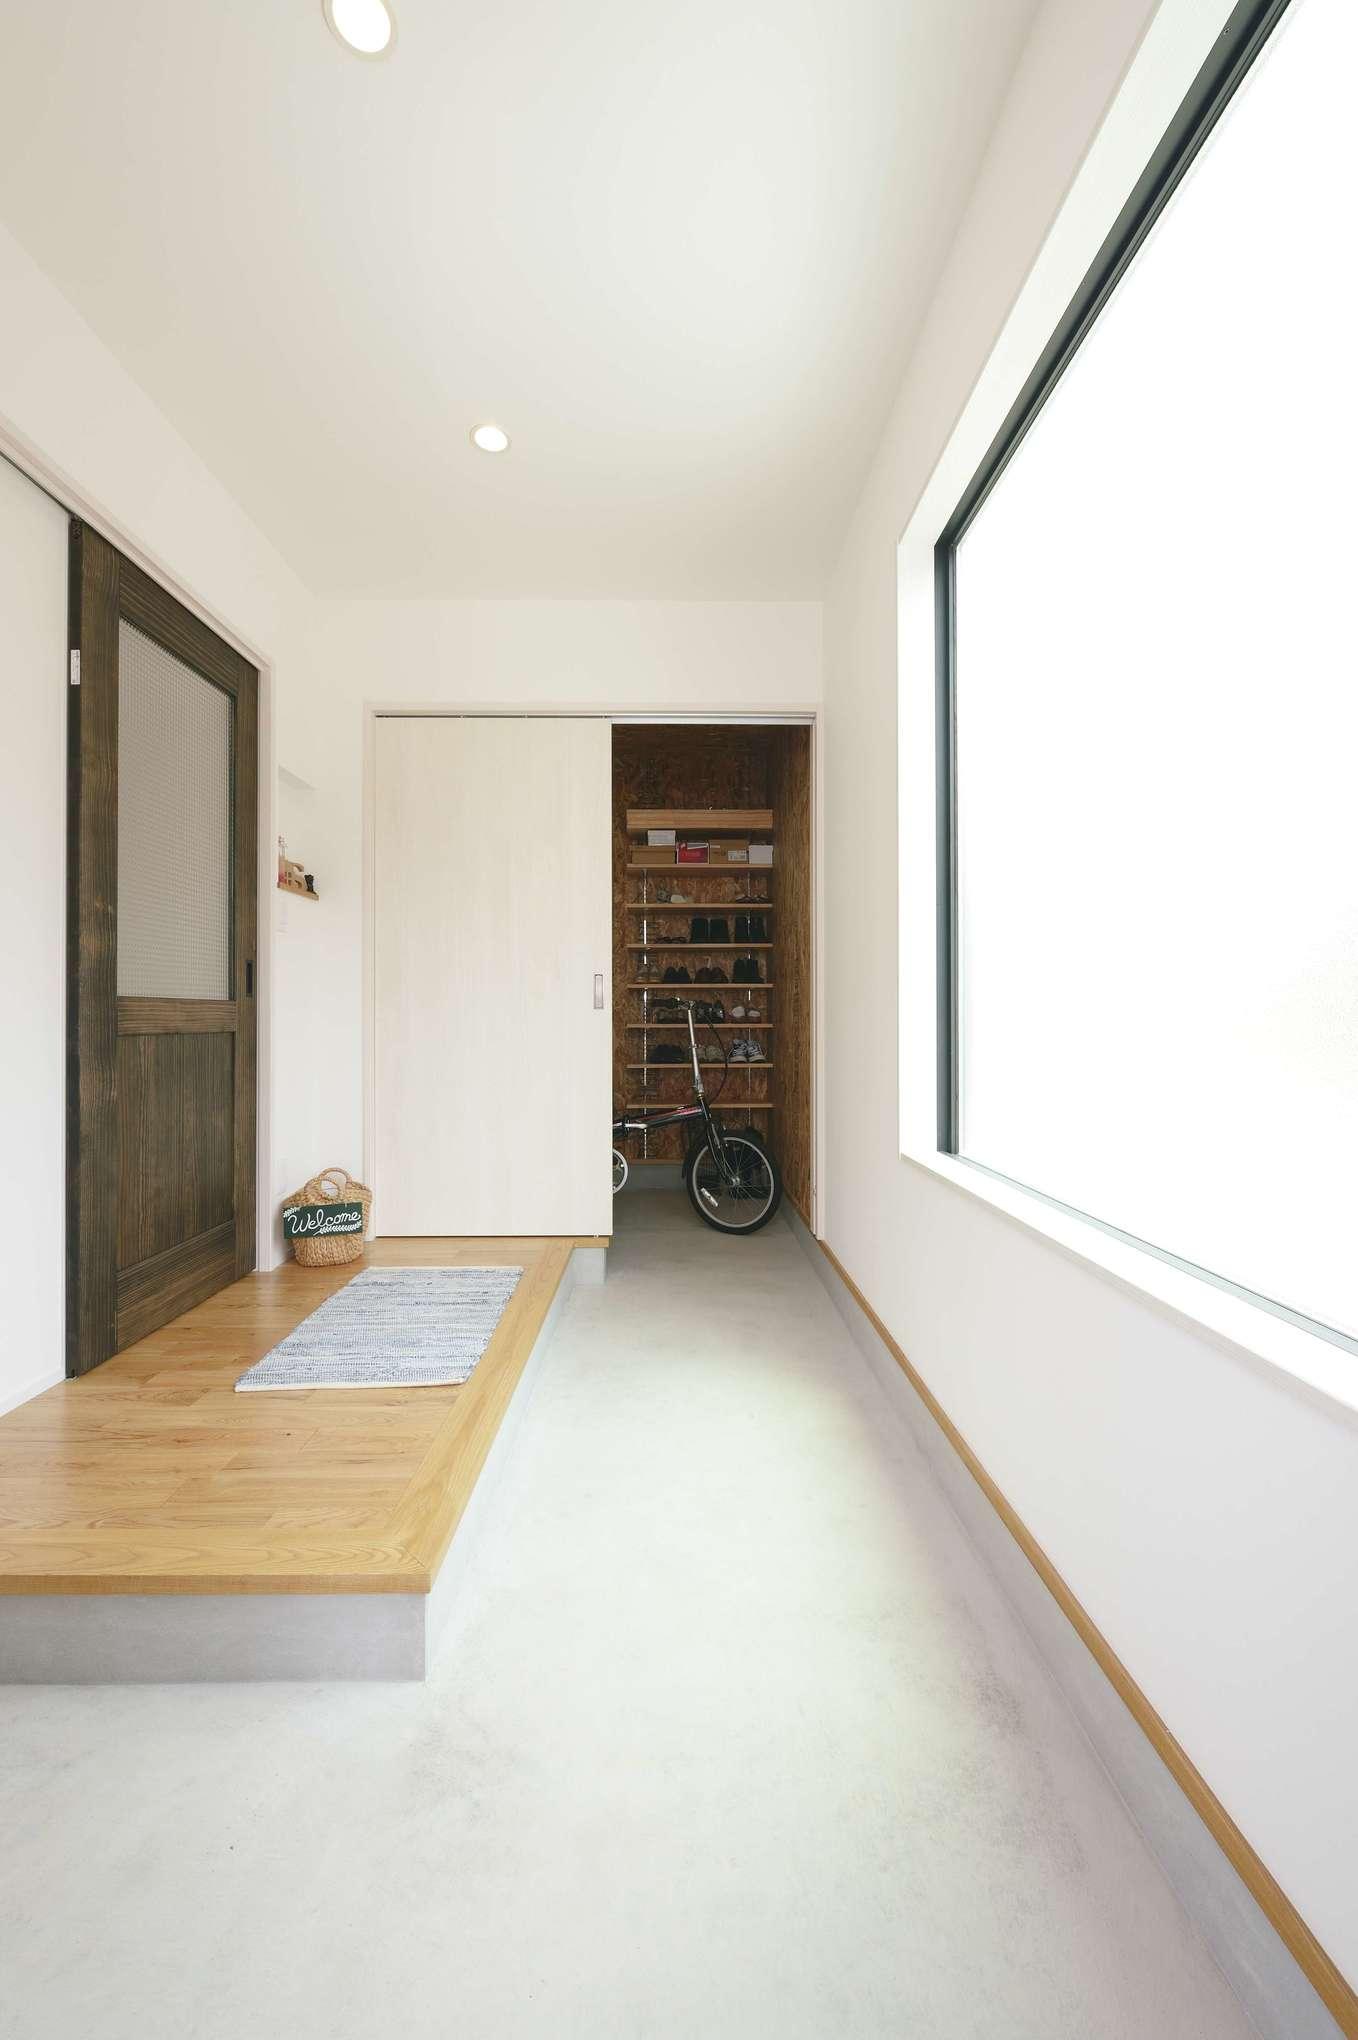 小玉建設【デザイン住宅、自然素材、間取り】奥に延びる広い土間のある玄関。壁には大きなフィックス窓を取り付け、充分な明るさを確保している。使いやすい土間収納も完備